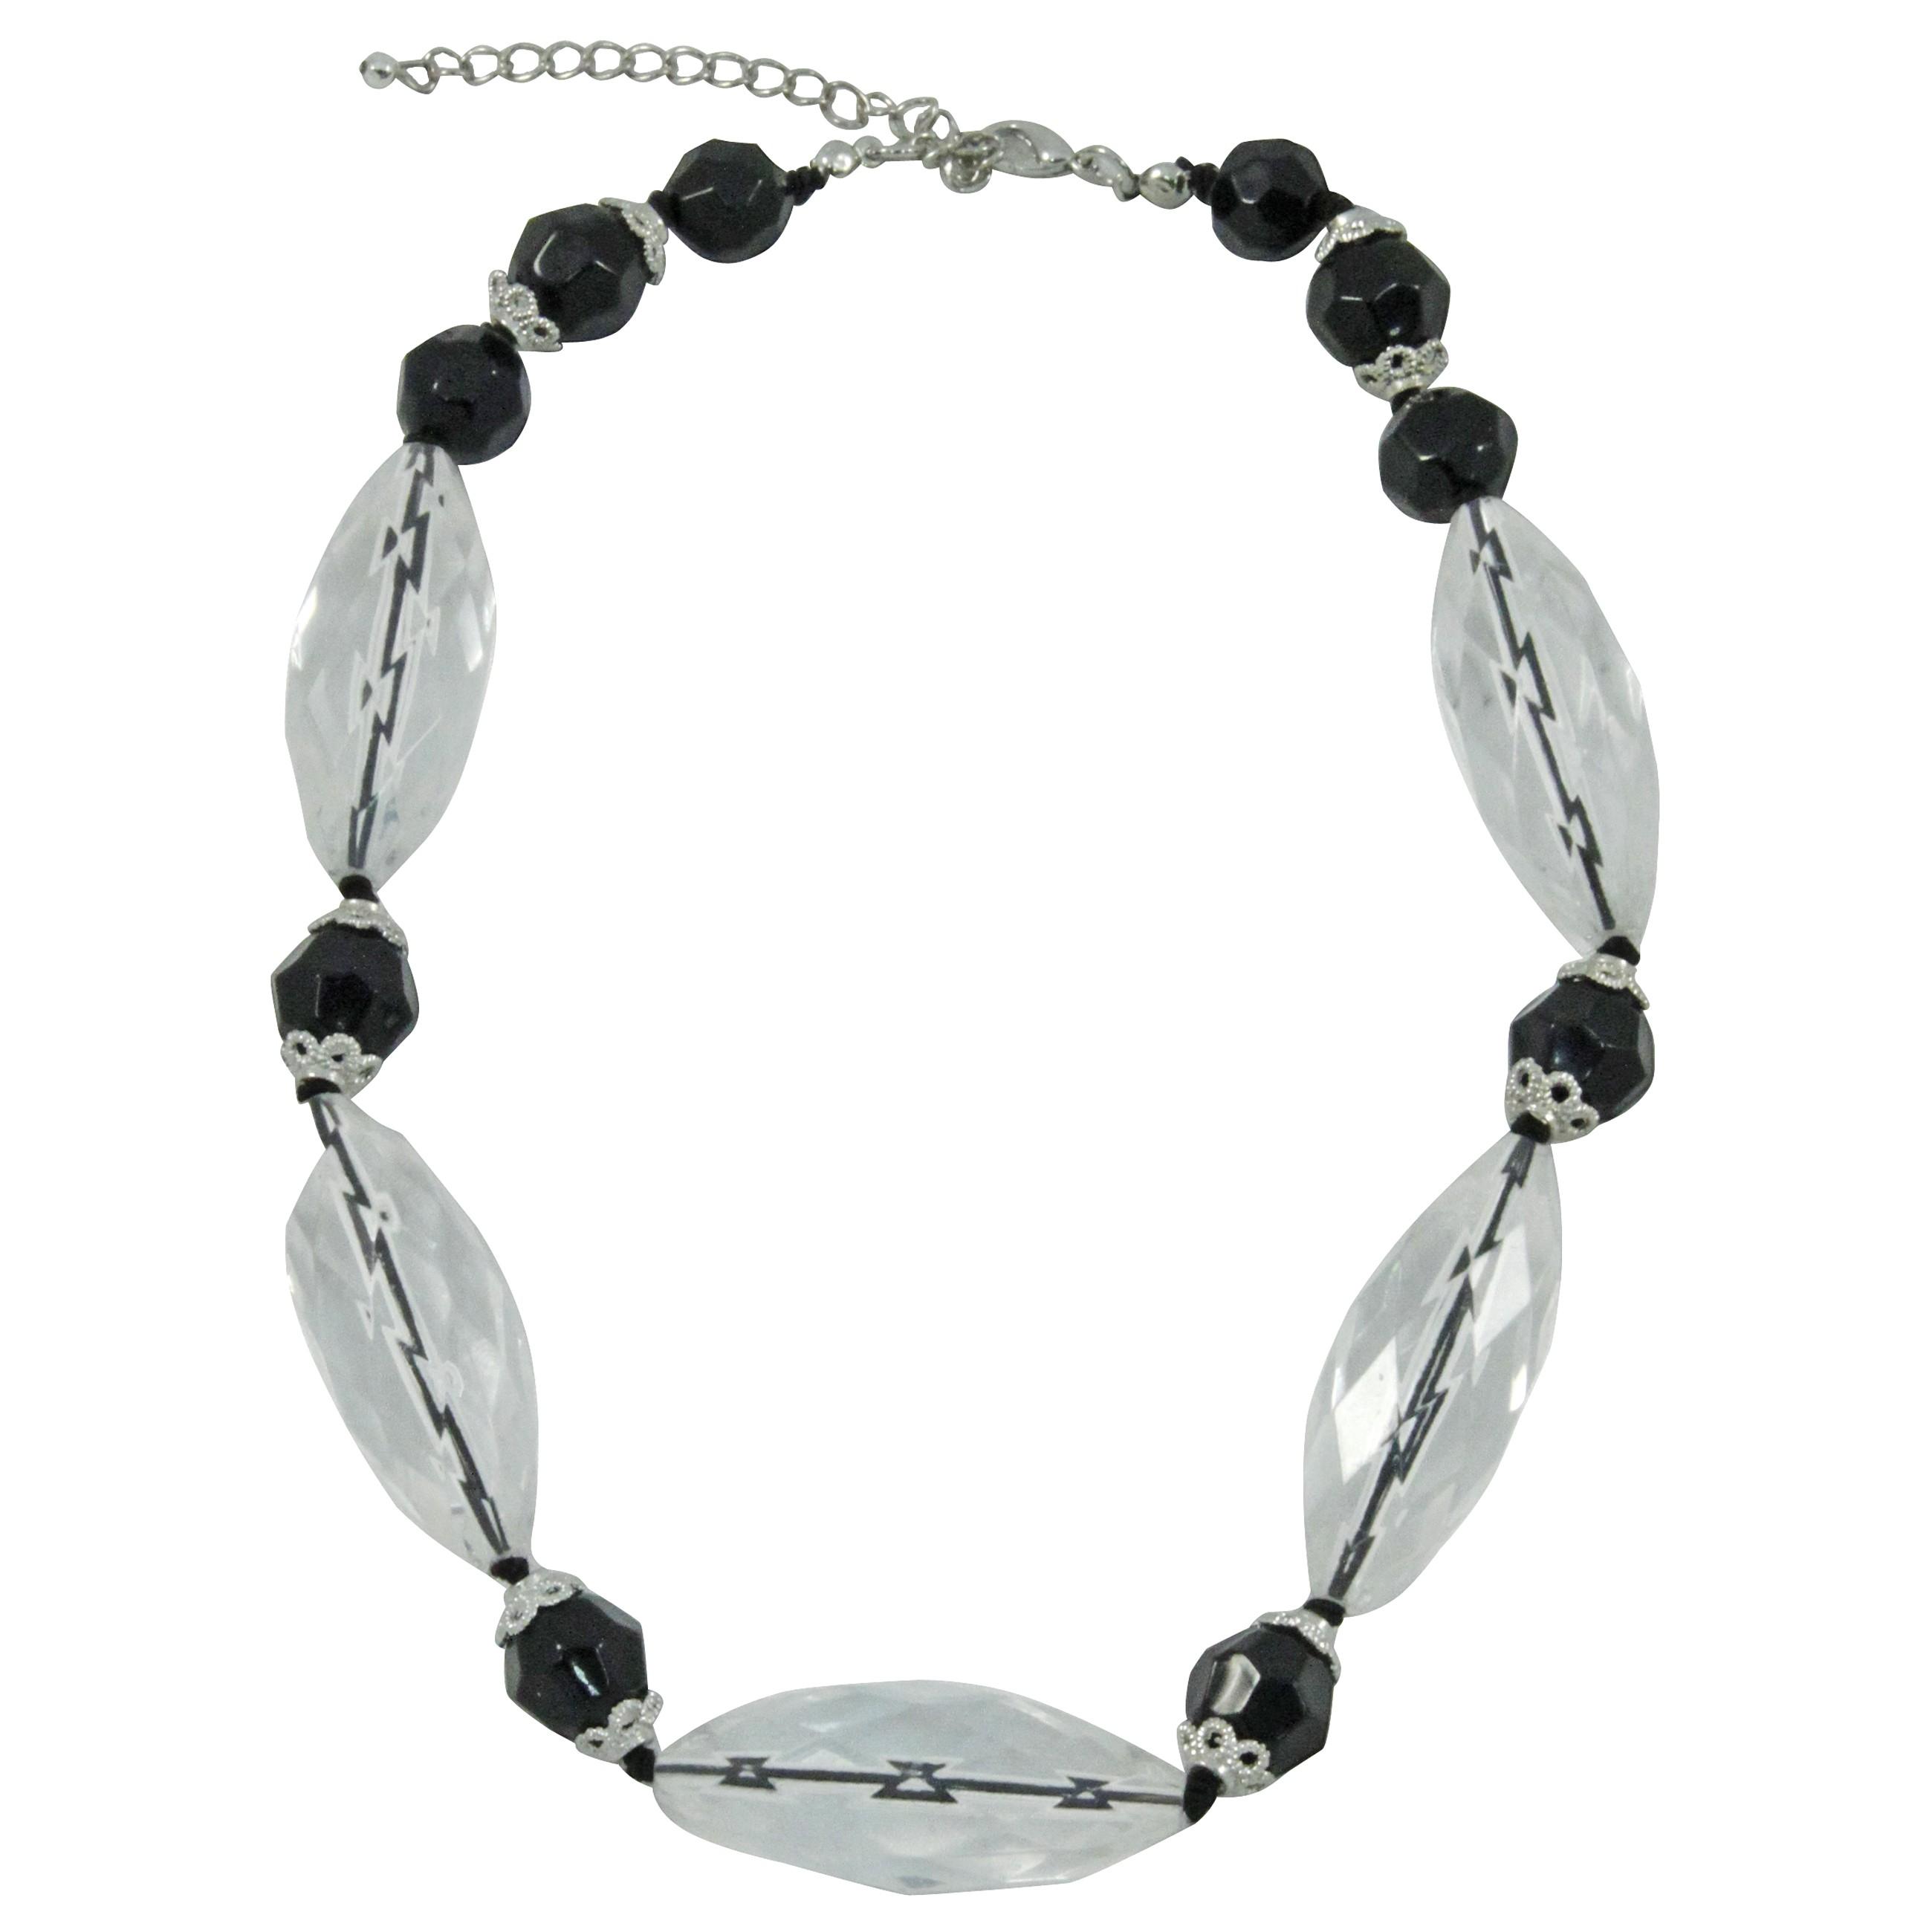 Kurze Damen Halskette mit ovalen und runden Polyacrylperlen